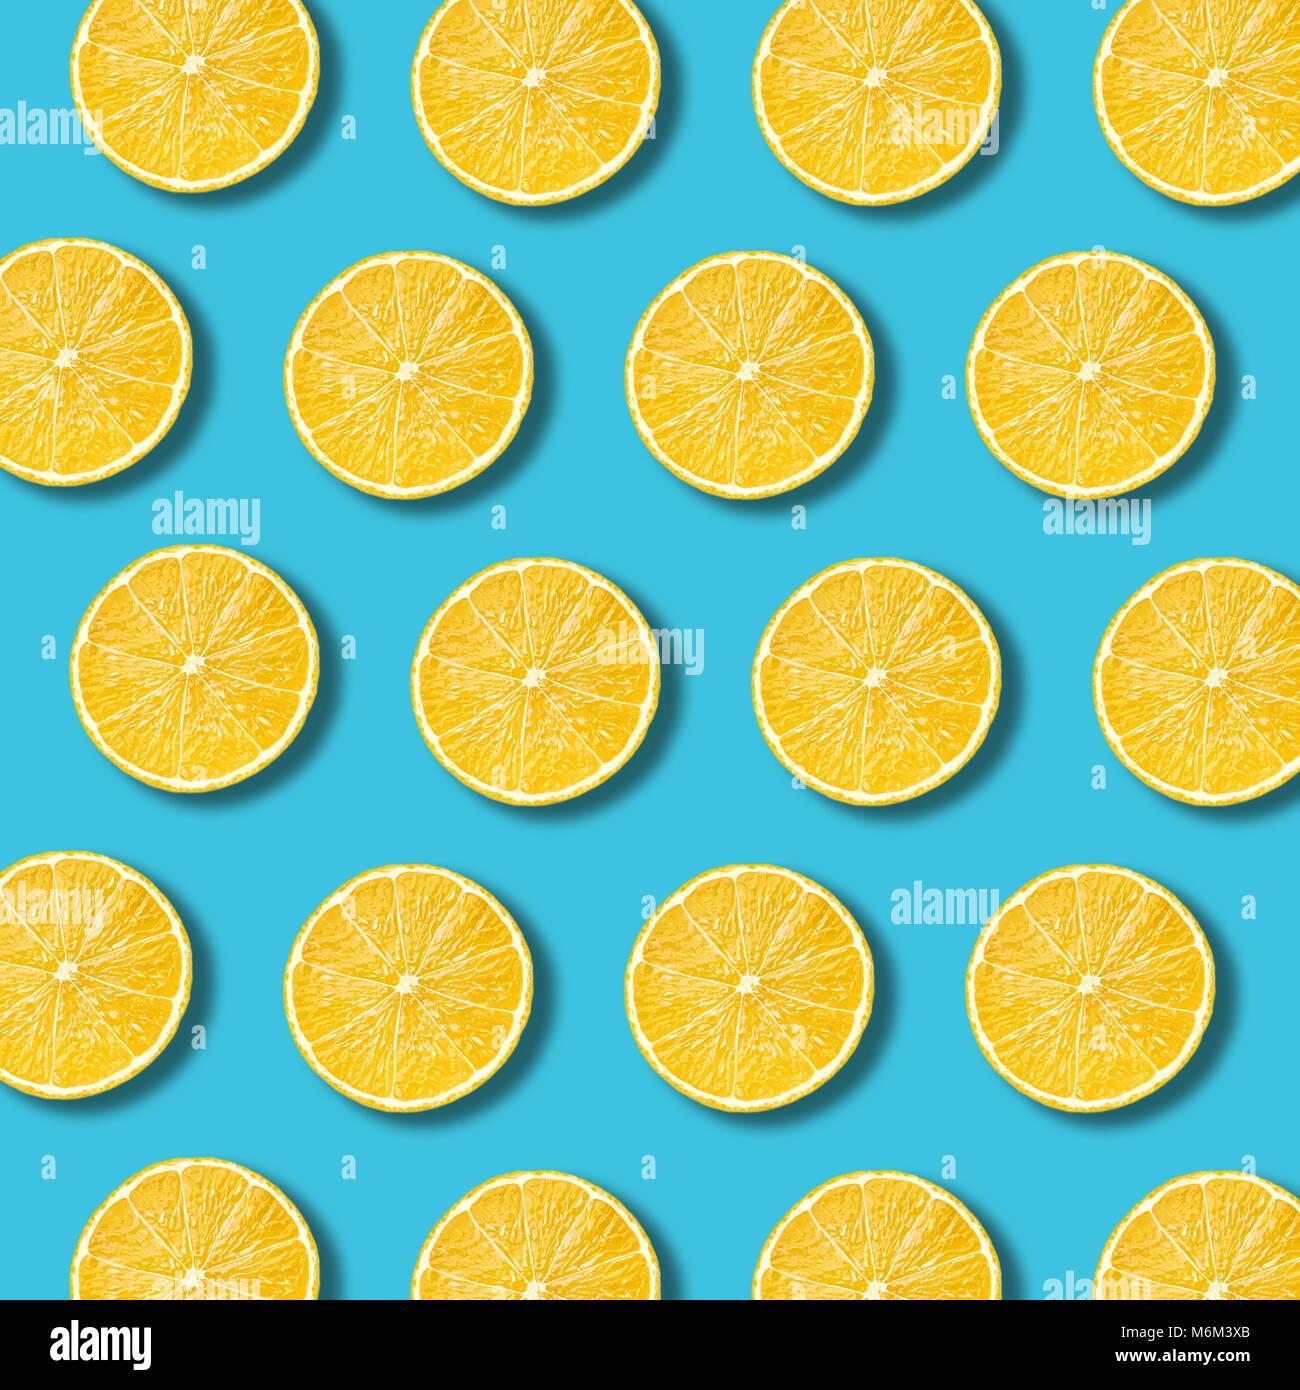 Fette di limone modello sulla vibrante colore turchese sfondo. Minimo lay piatto food texture Immagini Stock